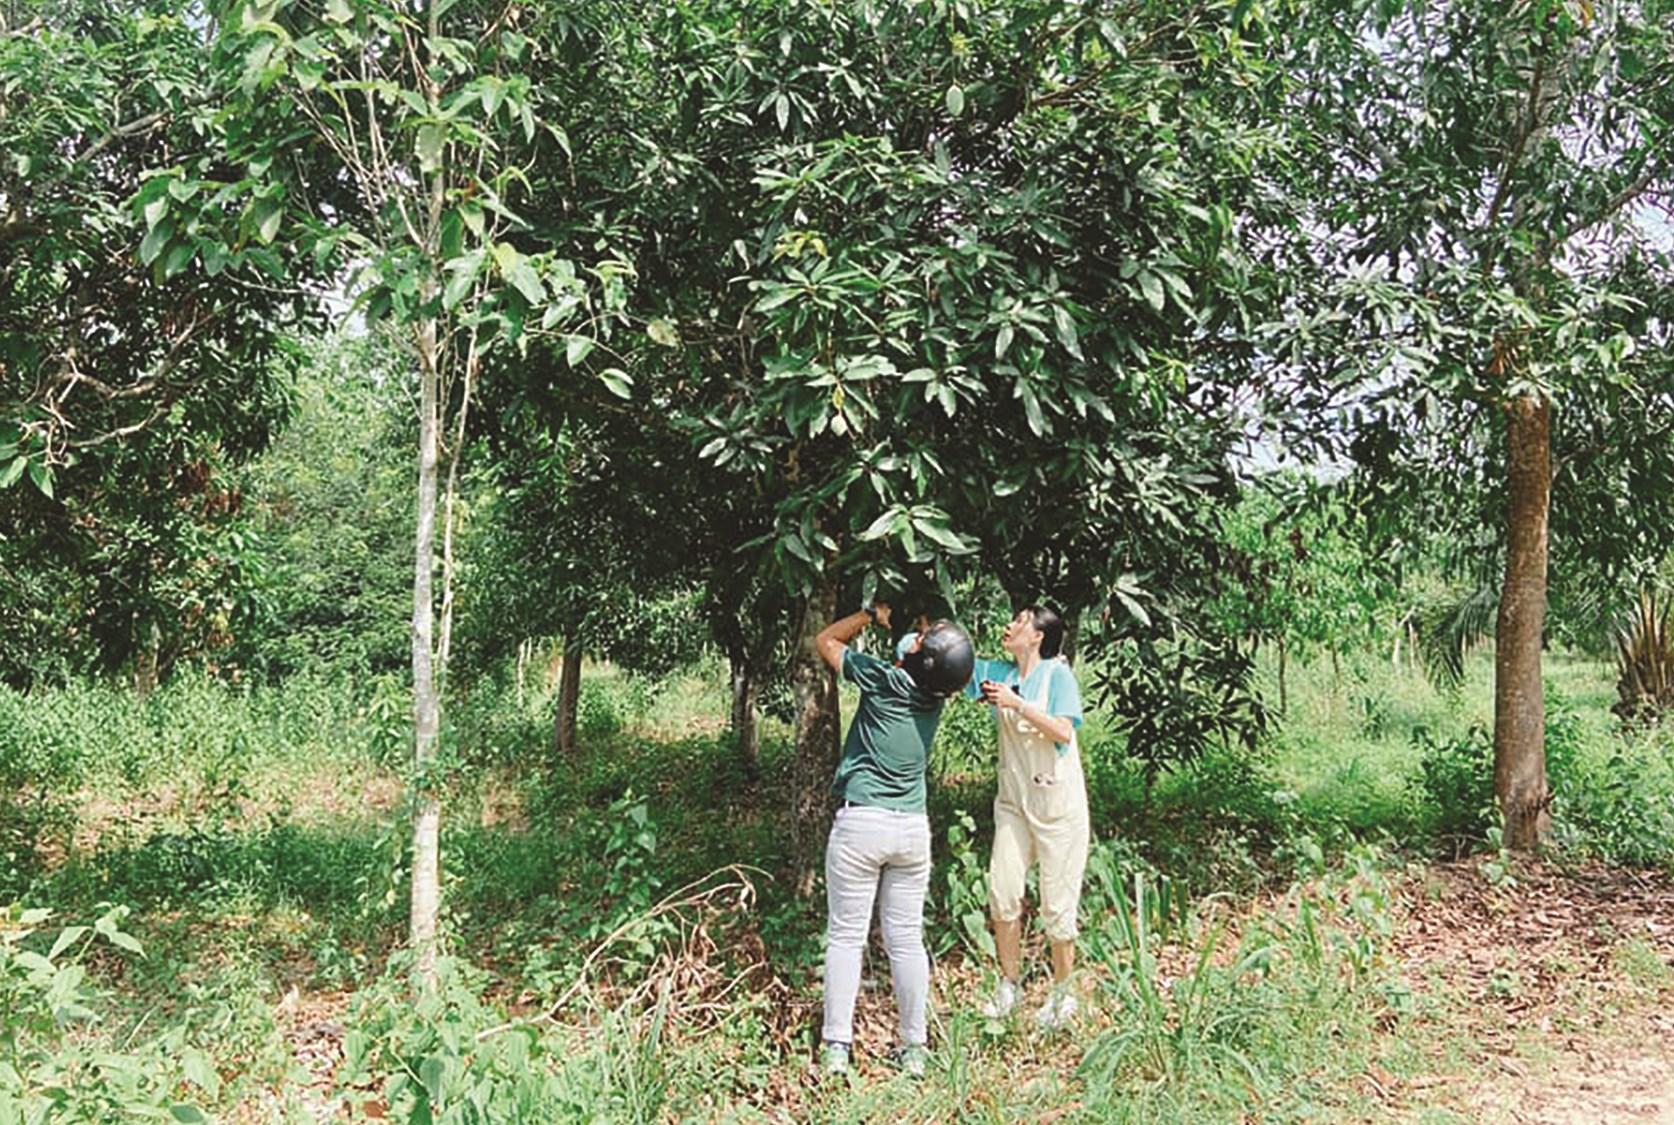 Du khách được tự tay hái và sử dụng sản phẩm nông sản